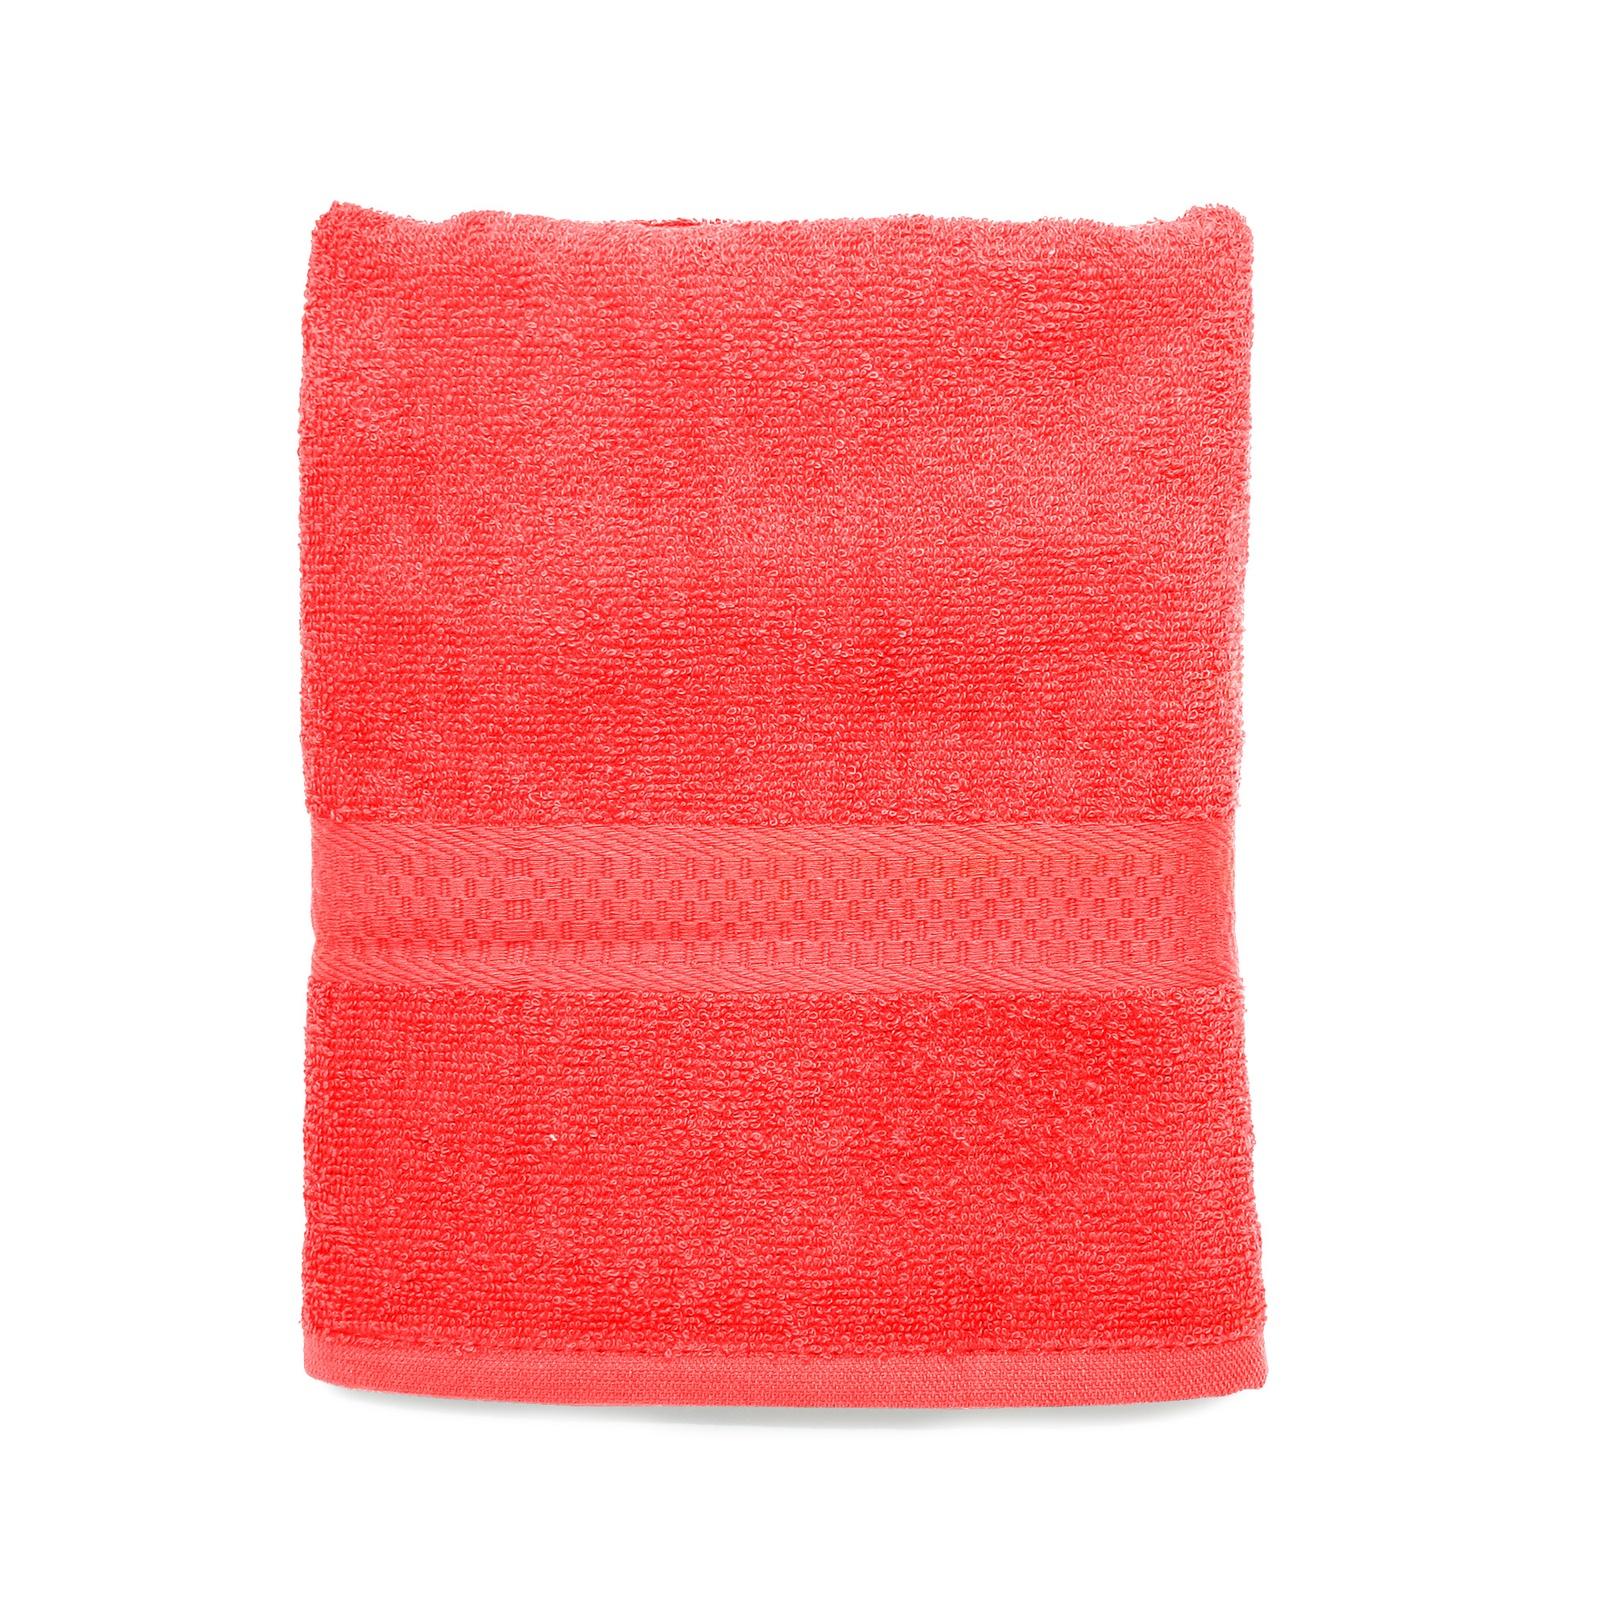 Полотенце банное Spany, 21311318180, махровое, красный, 50 х 90 см полотенце банное mona liza orchid цвет белый 50 х 90 см